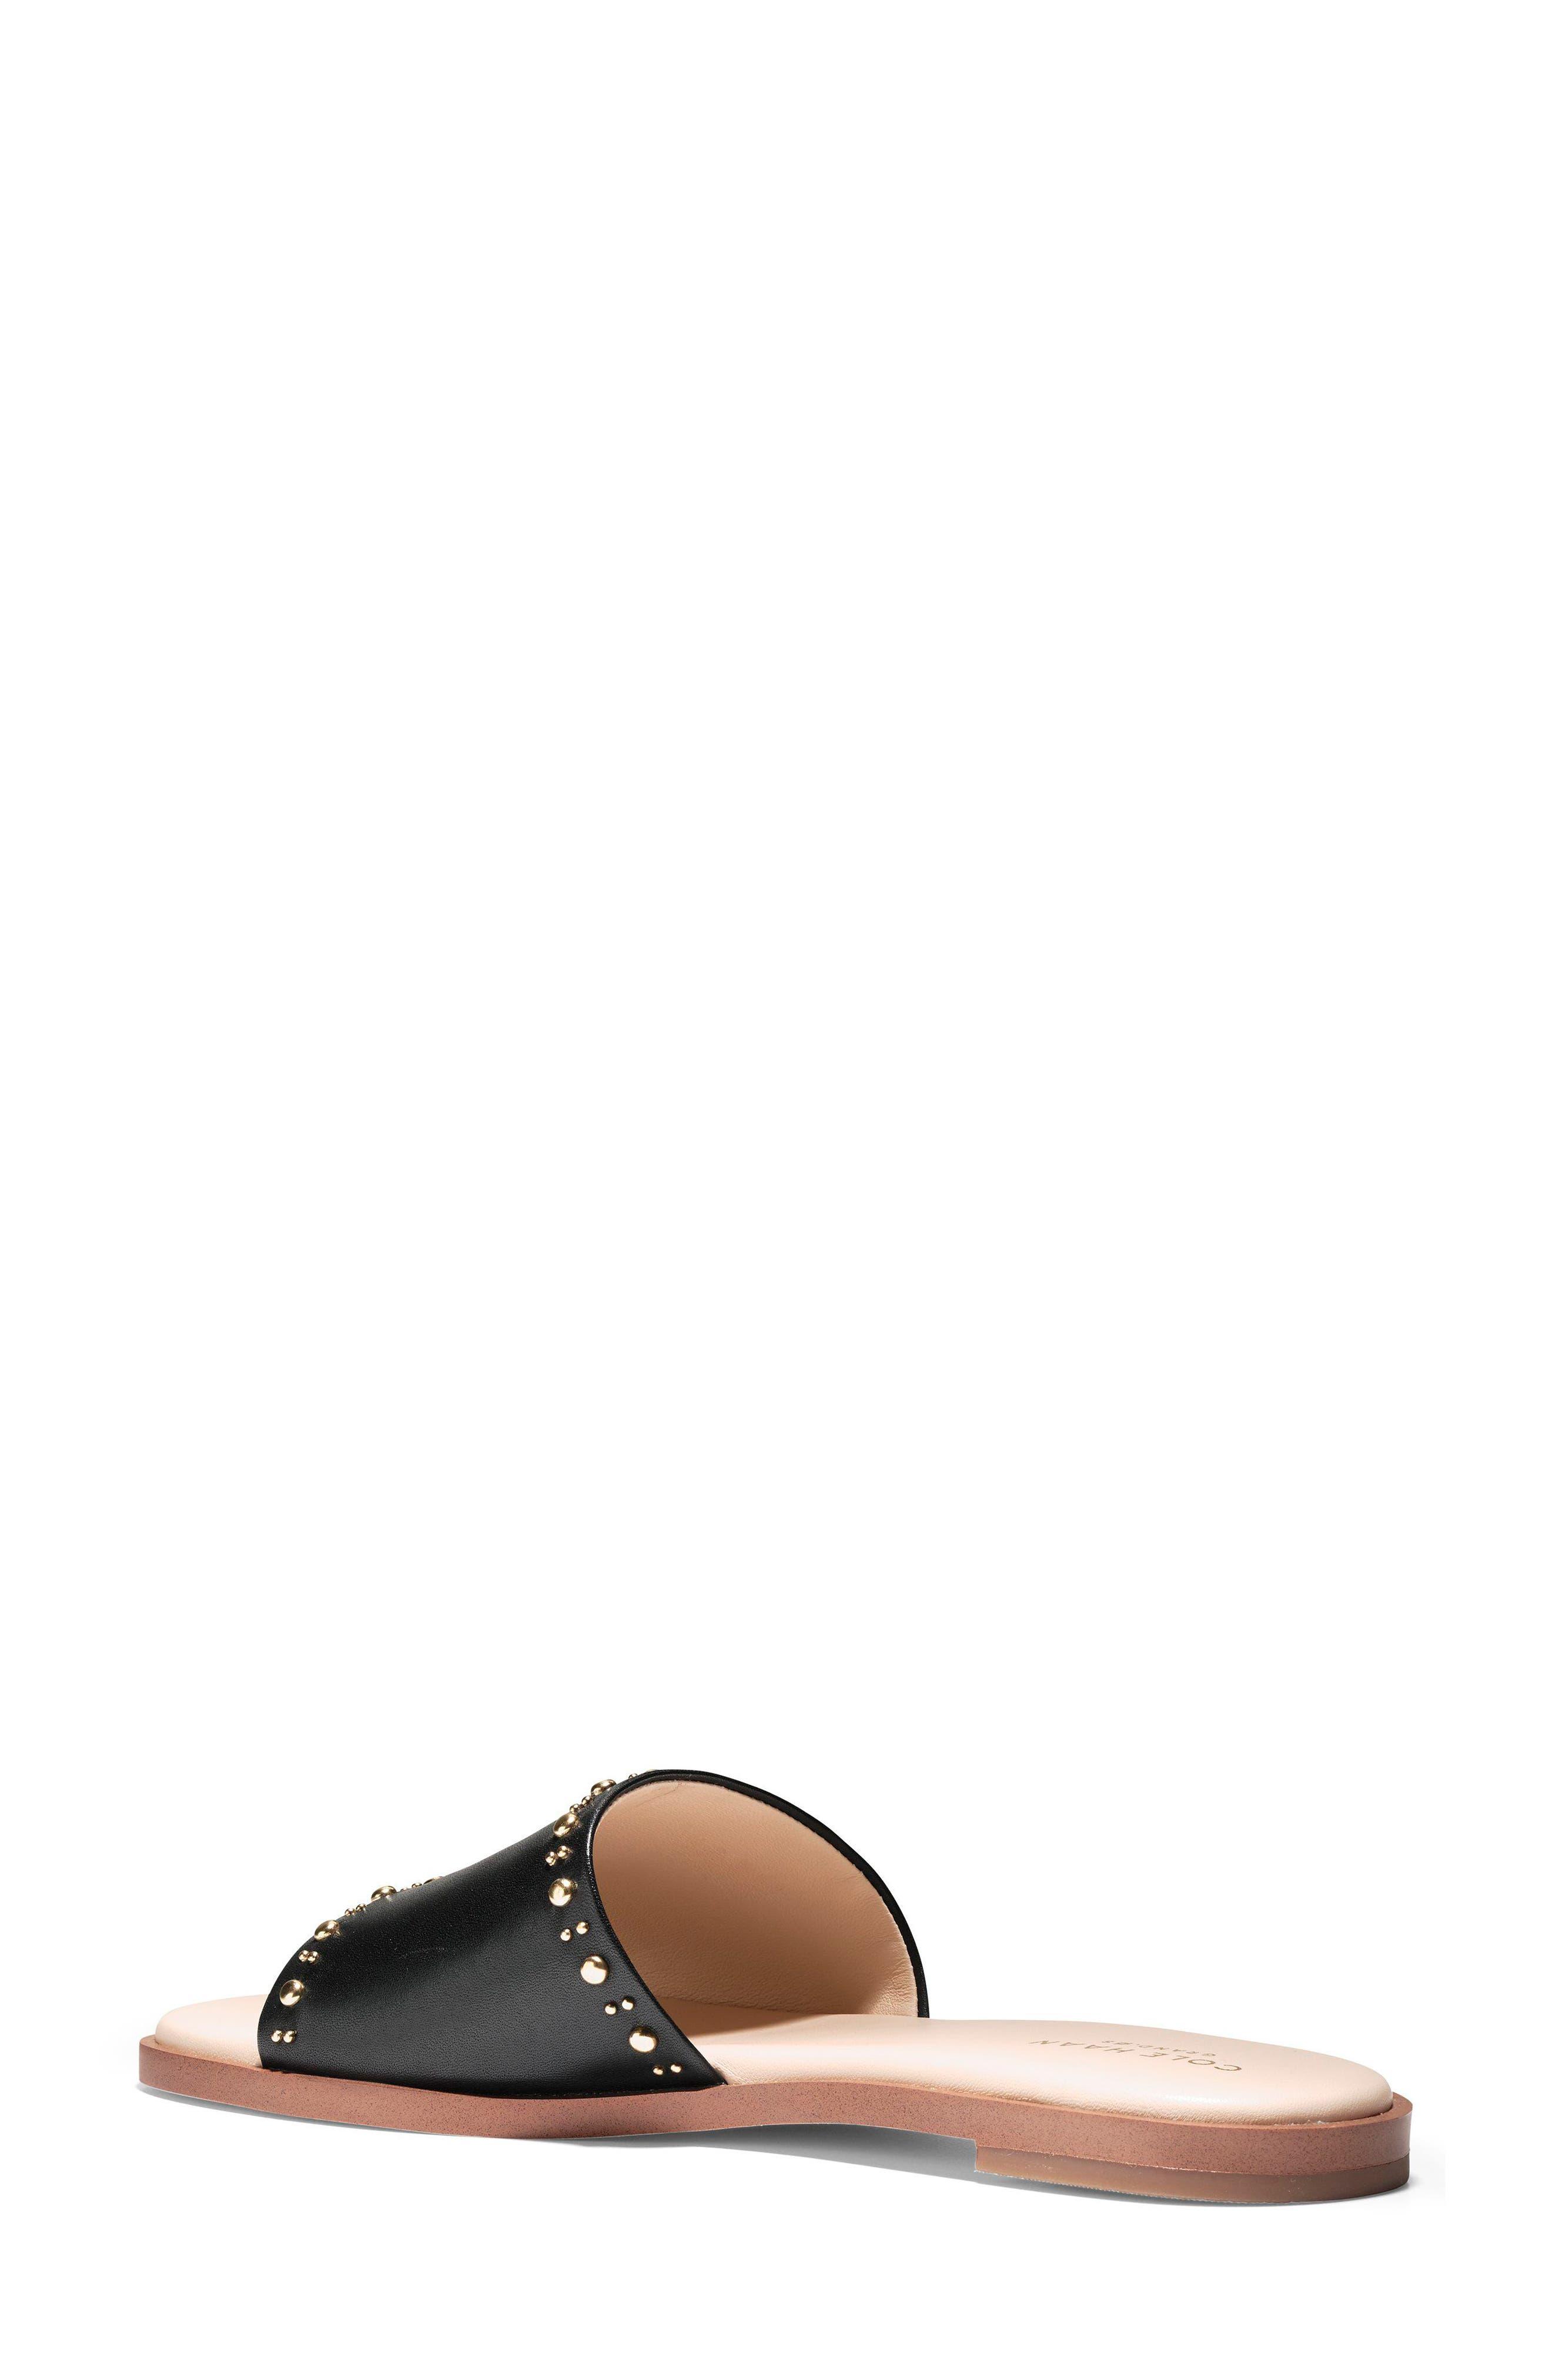 Anica Slide Sandal,                             Alternate thumbnail 2, color,                             001